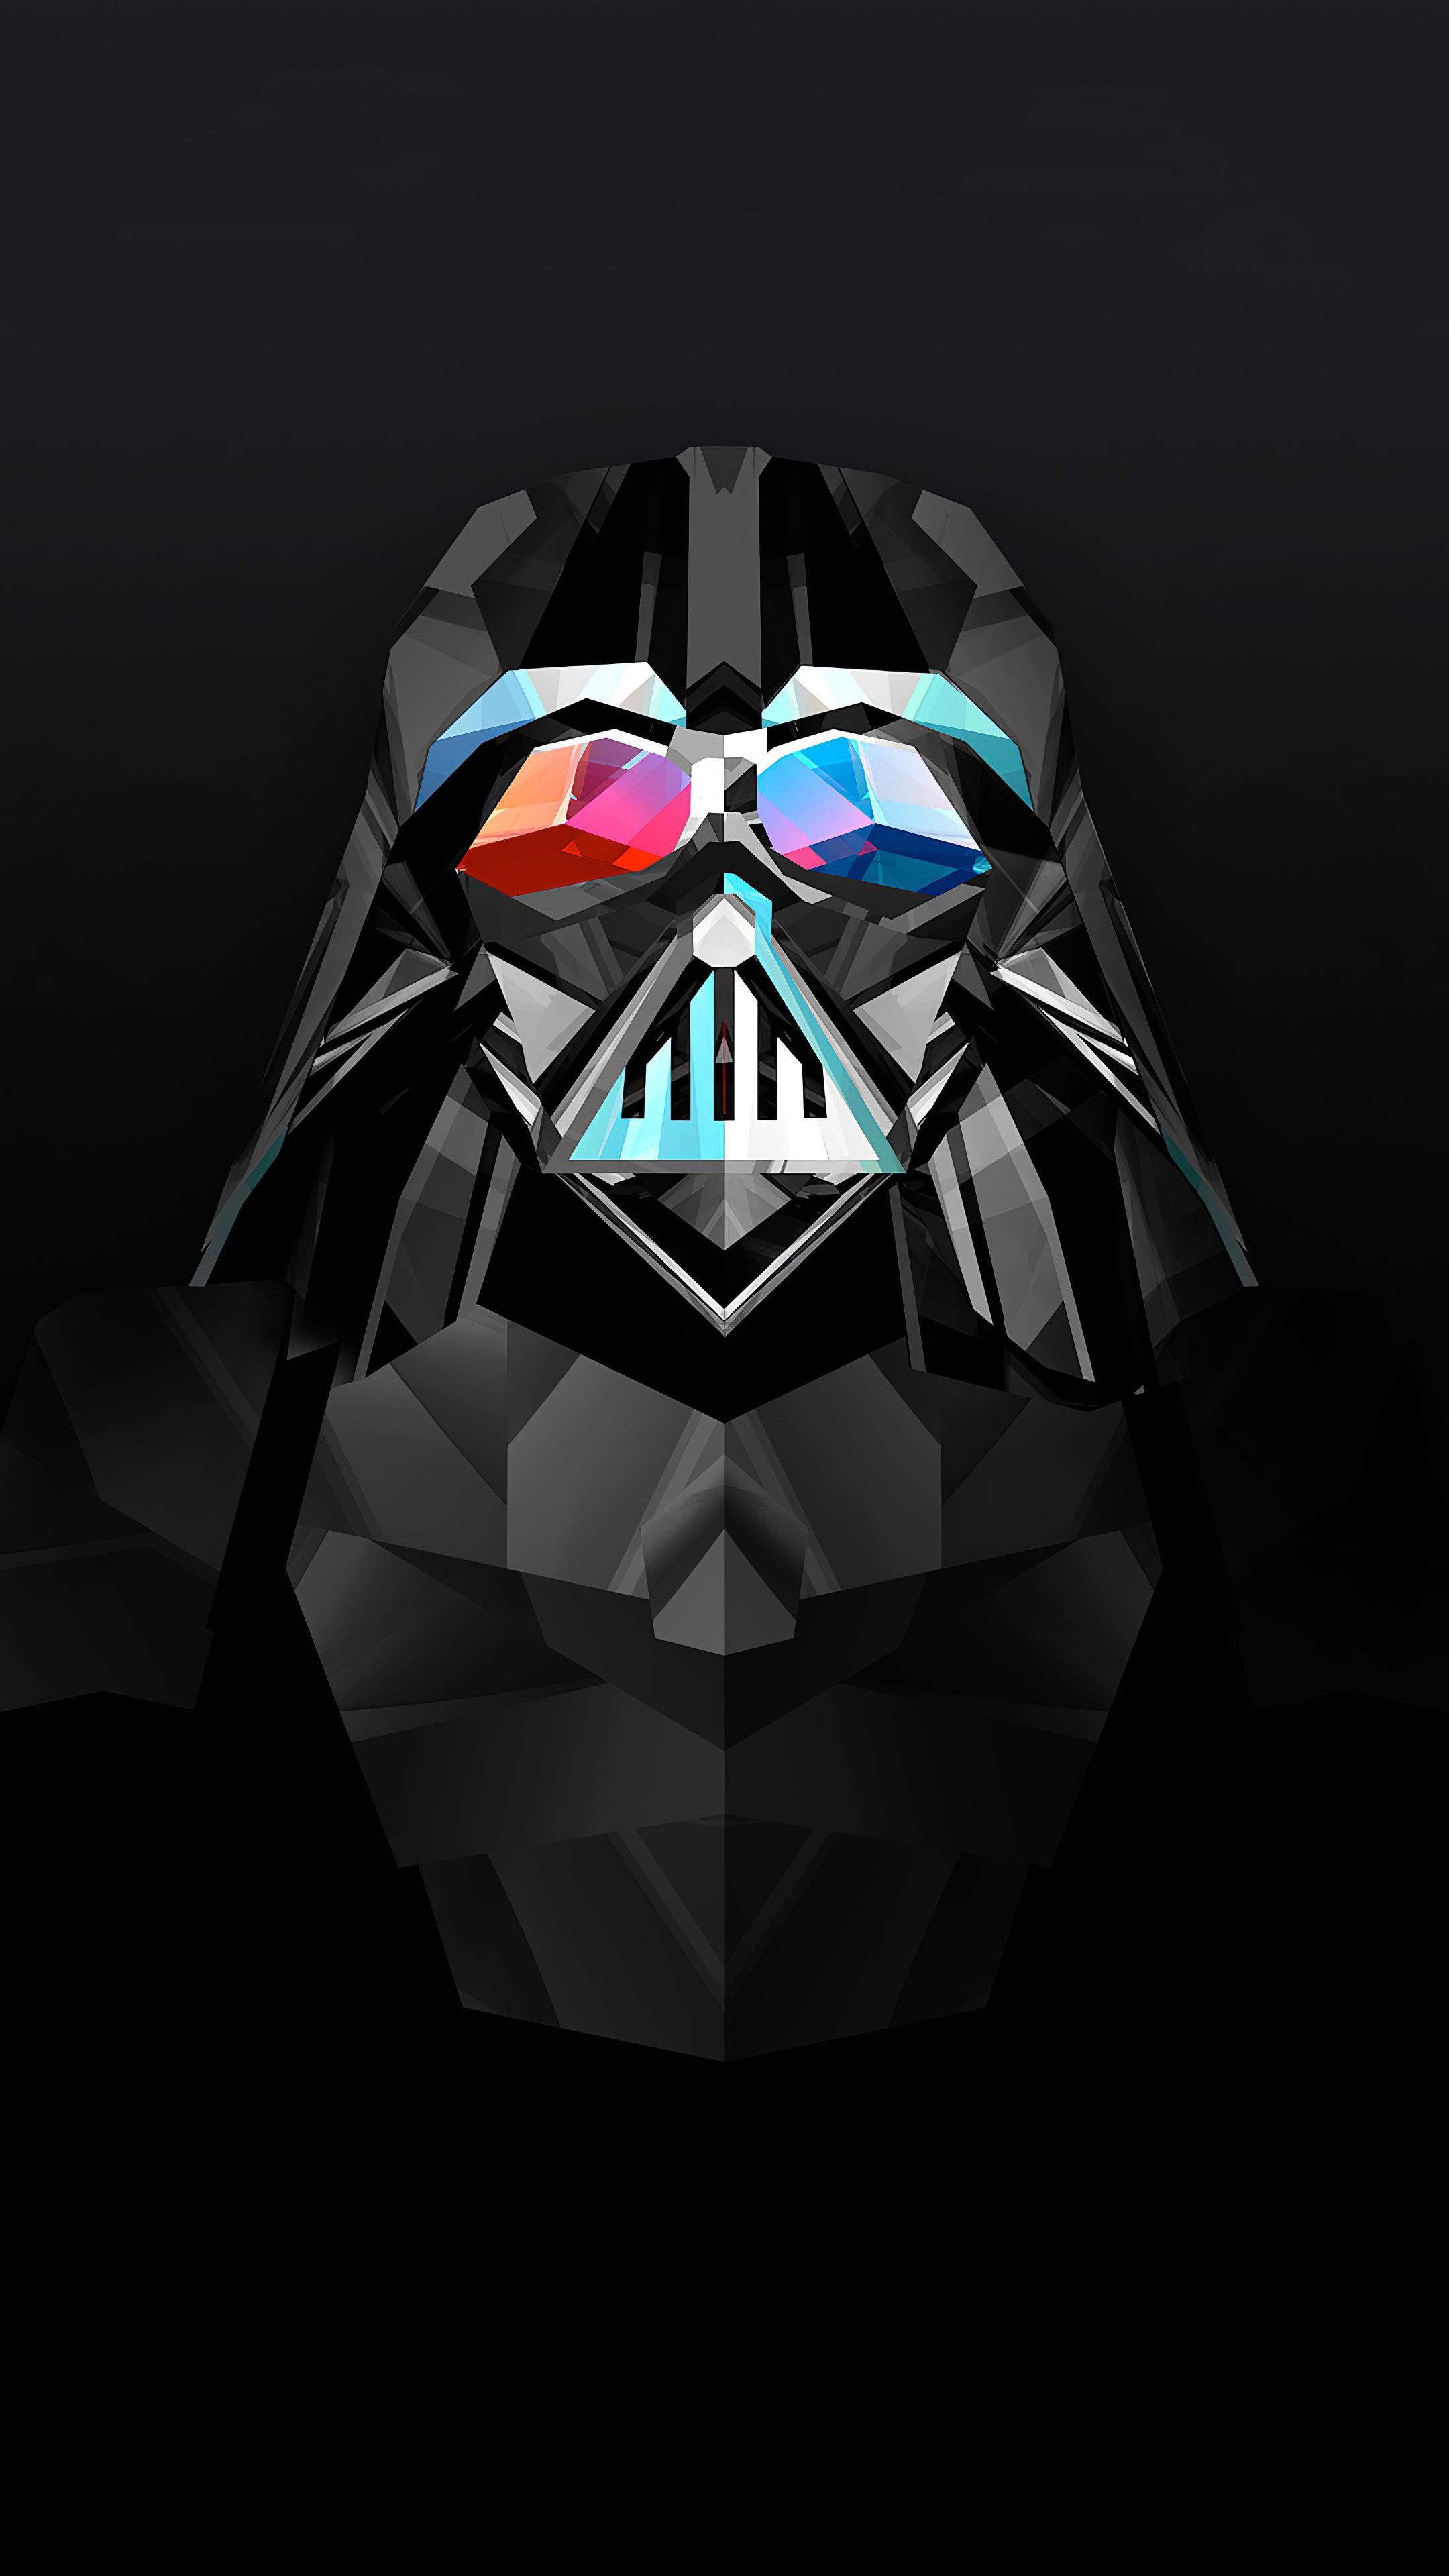 darth-vader-star-wars-justin-maller-art-lf.jpg